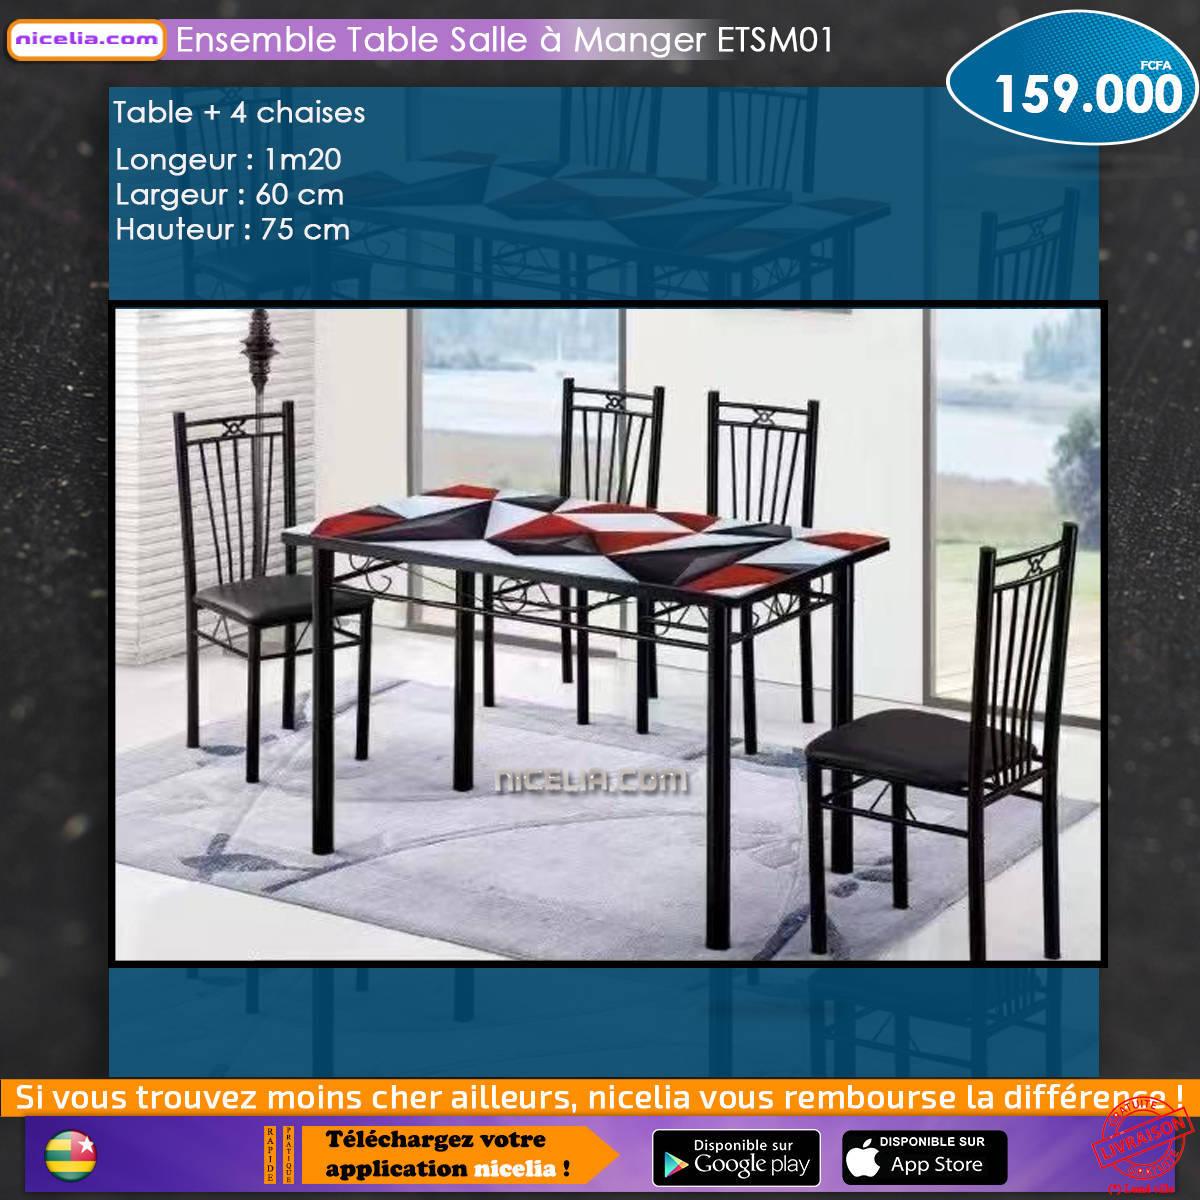 Ensemble table salle à manger ETSM01